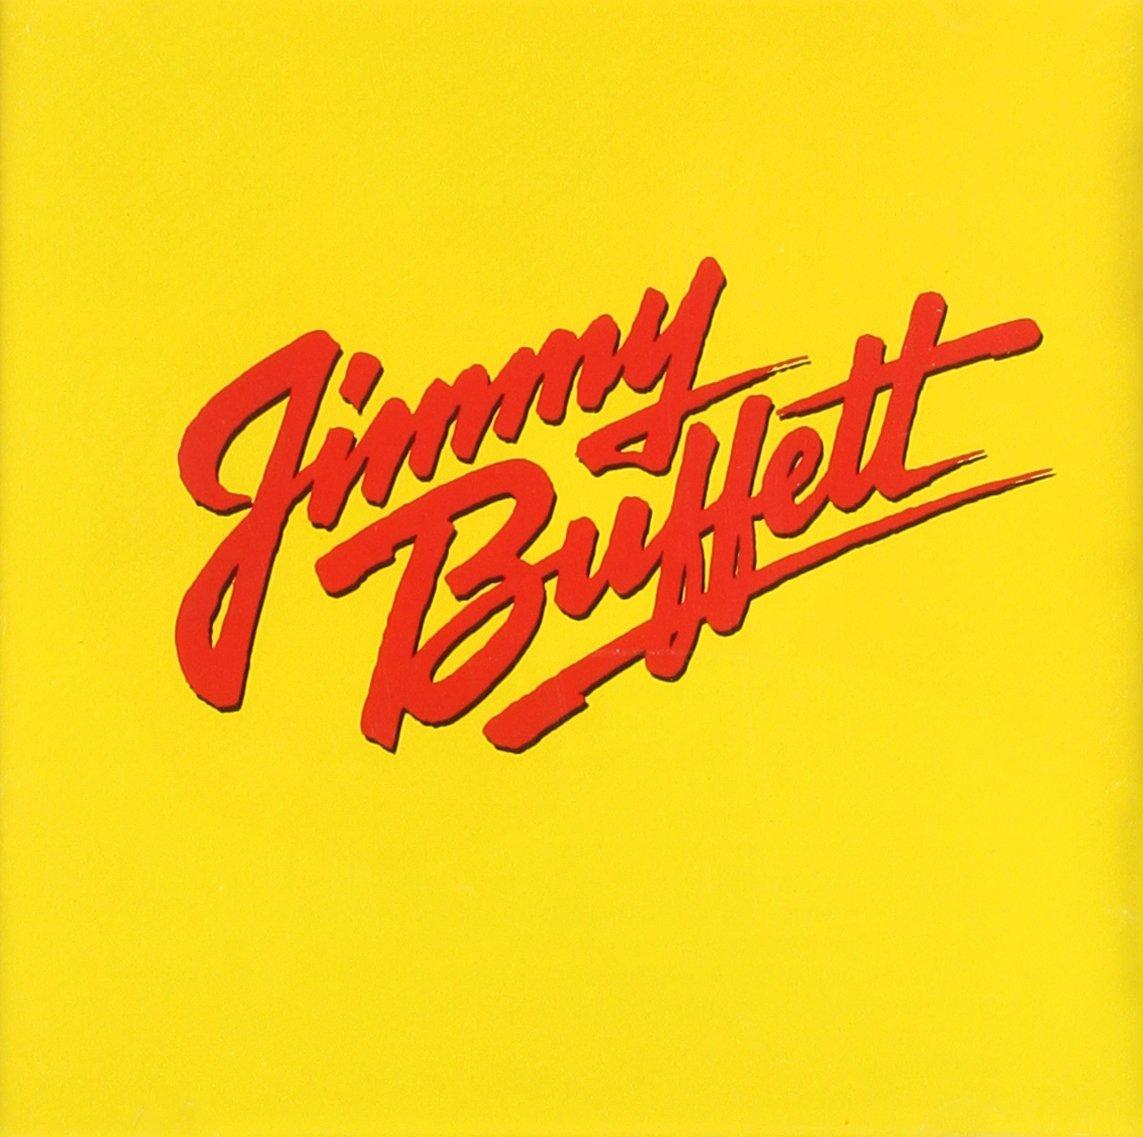 Songs You Know by Heart : Jimmy Buffett's Greatest Hit(s) by Buffett,Jimmy